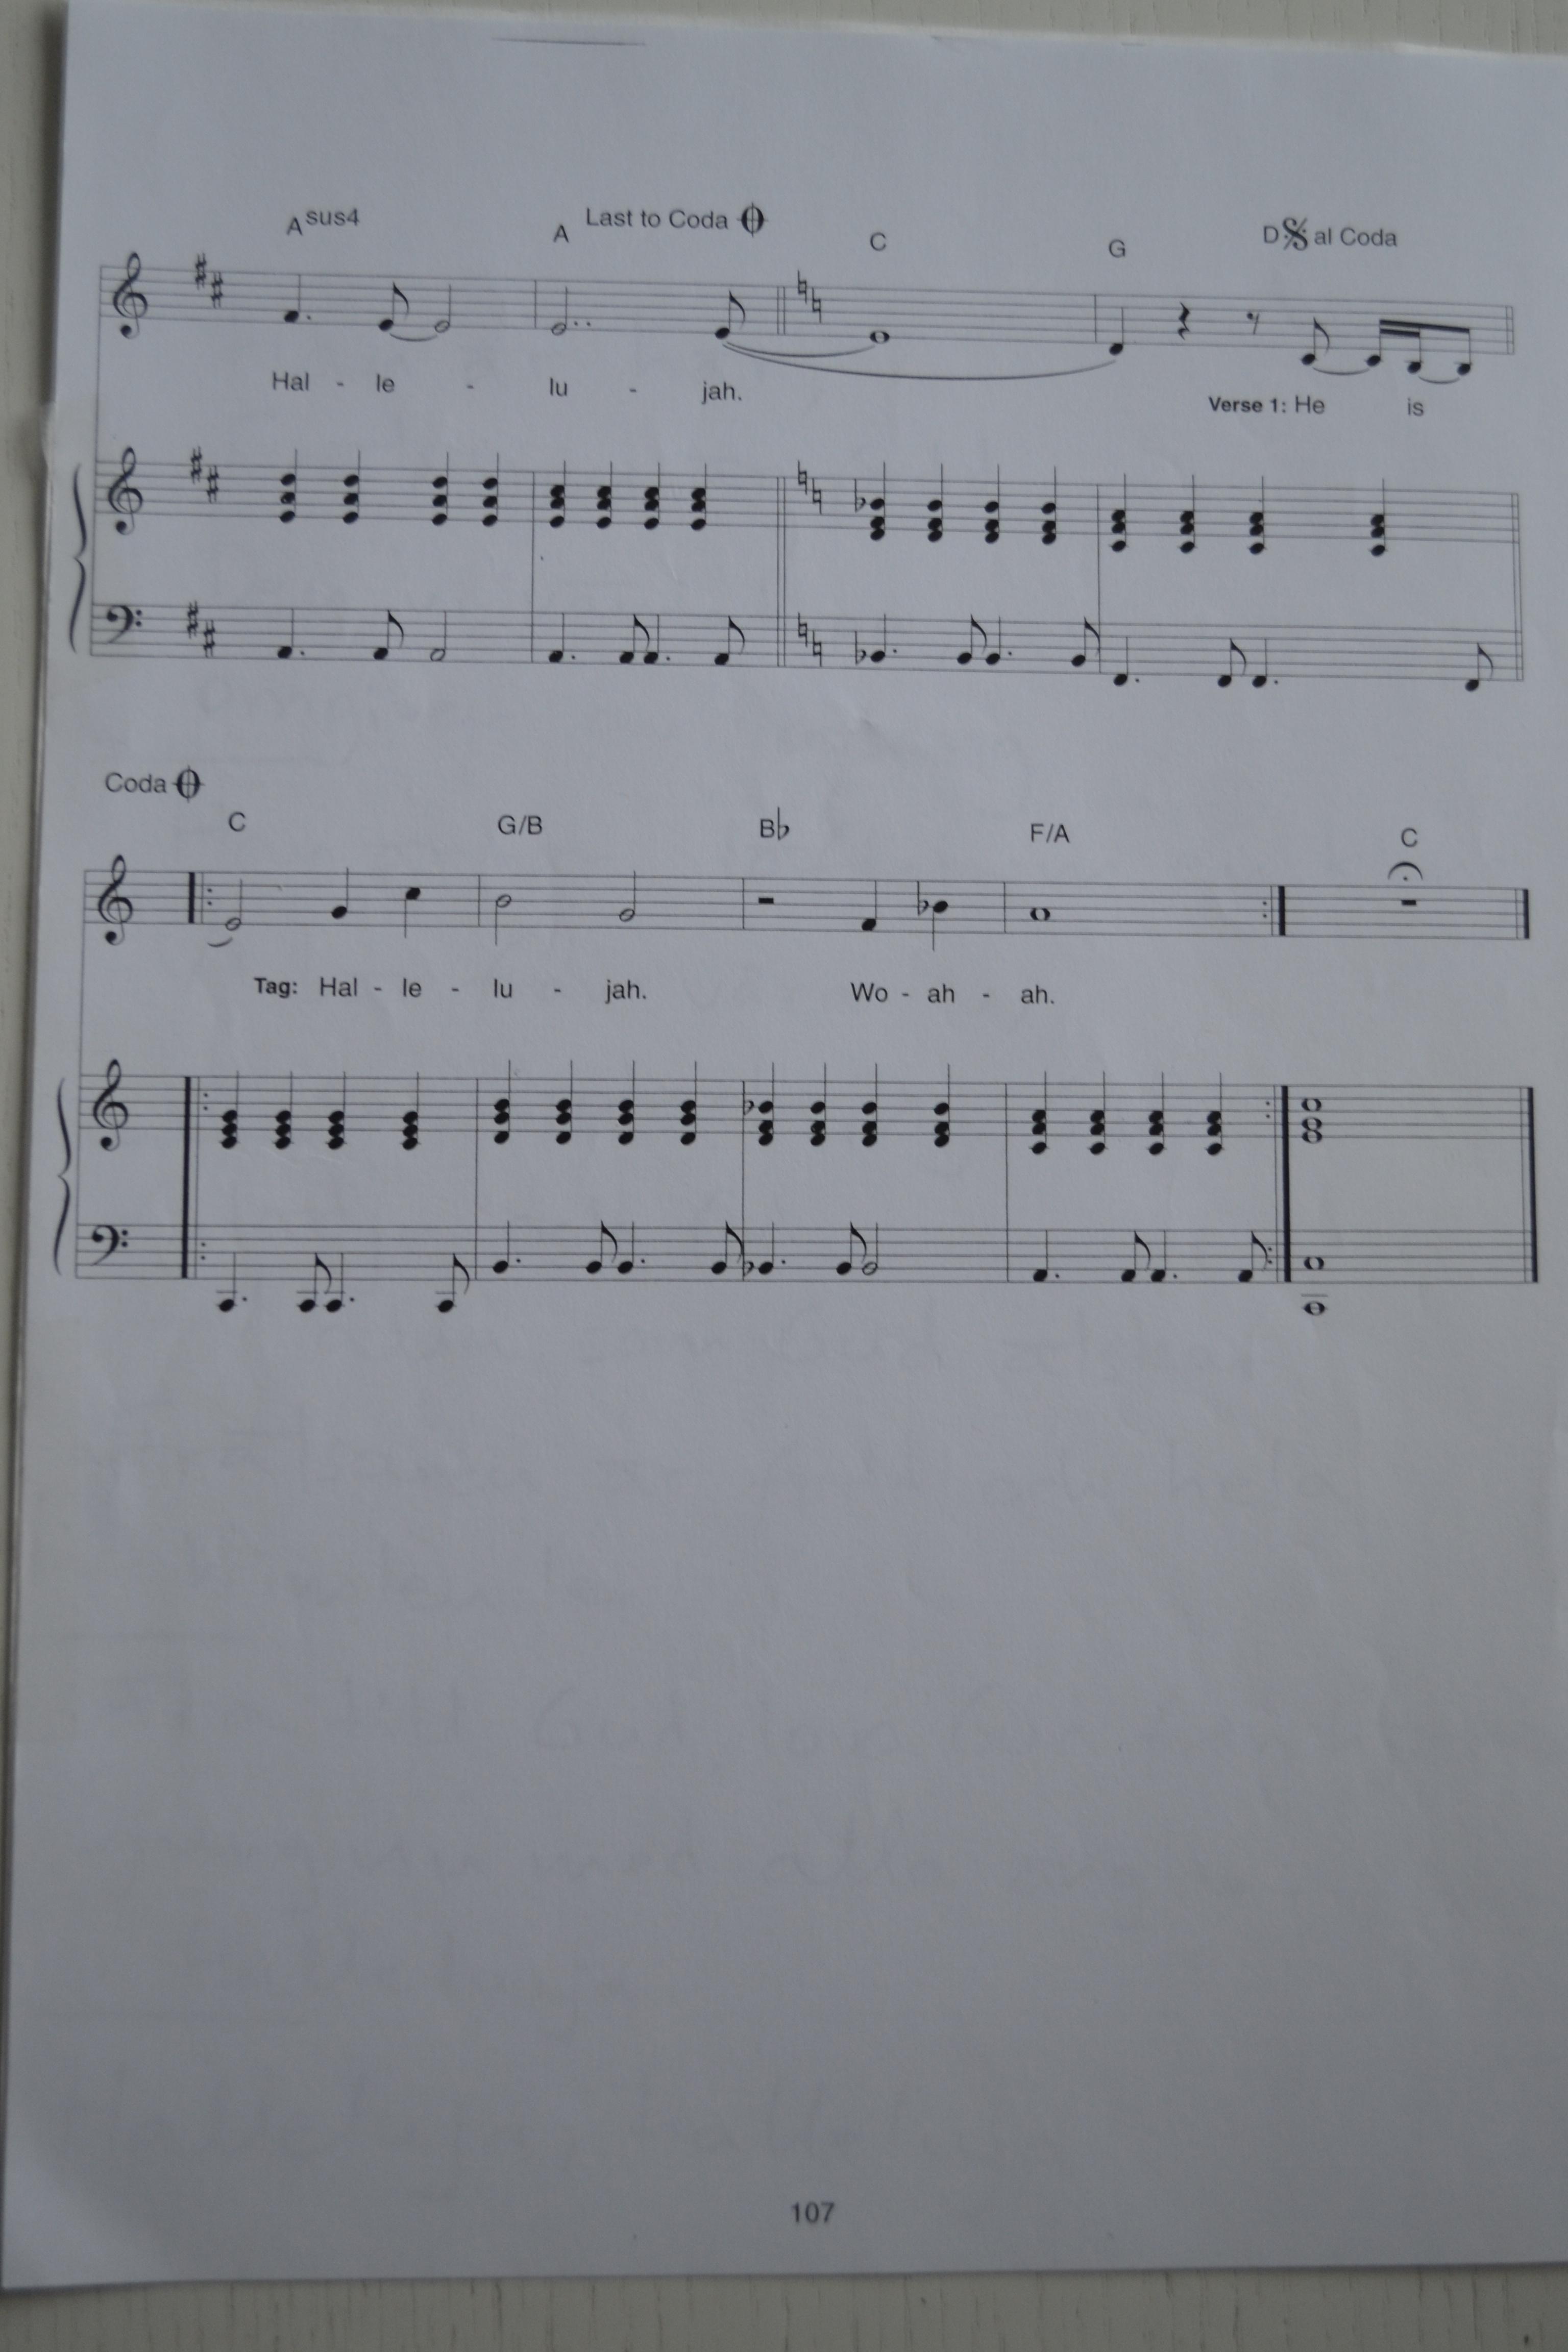 Hallelujah (Zschech) - Han är här, sidan 5